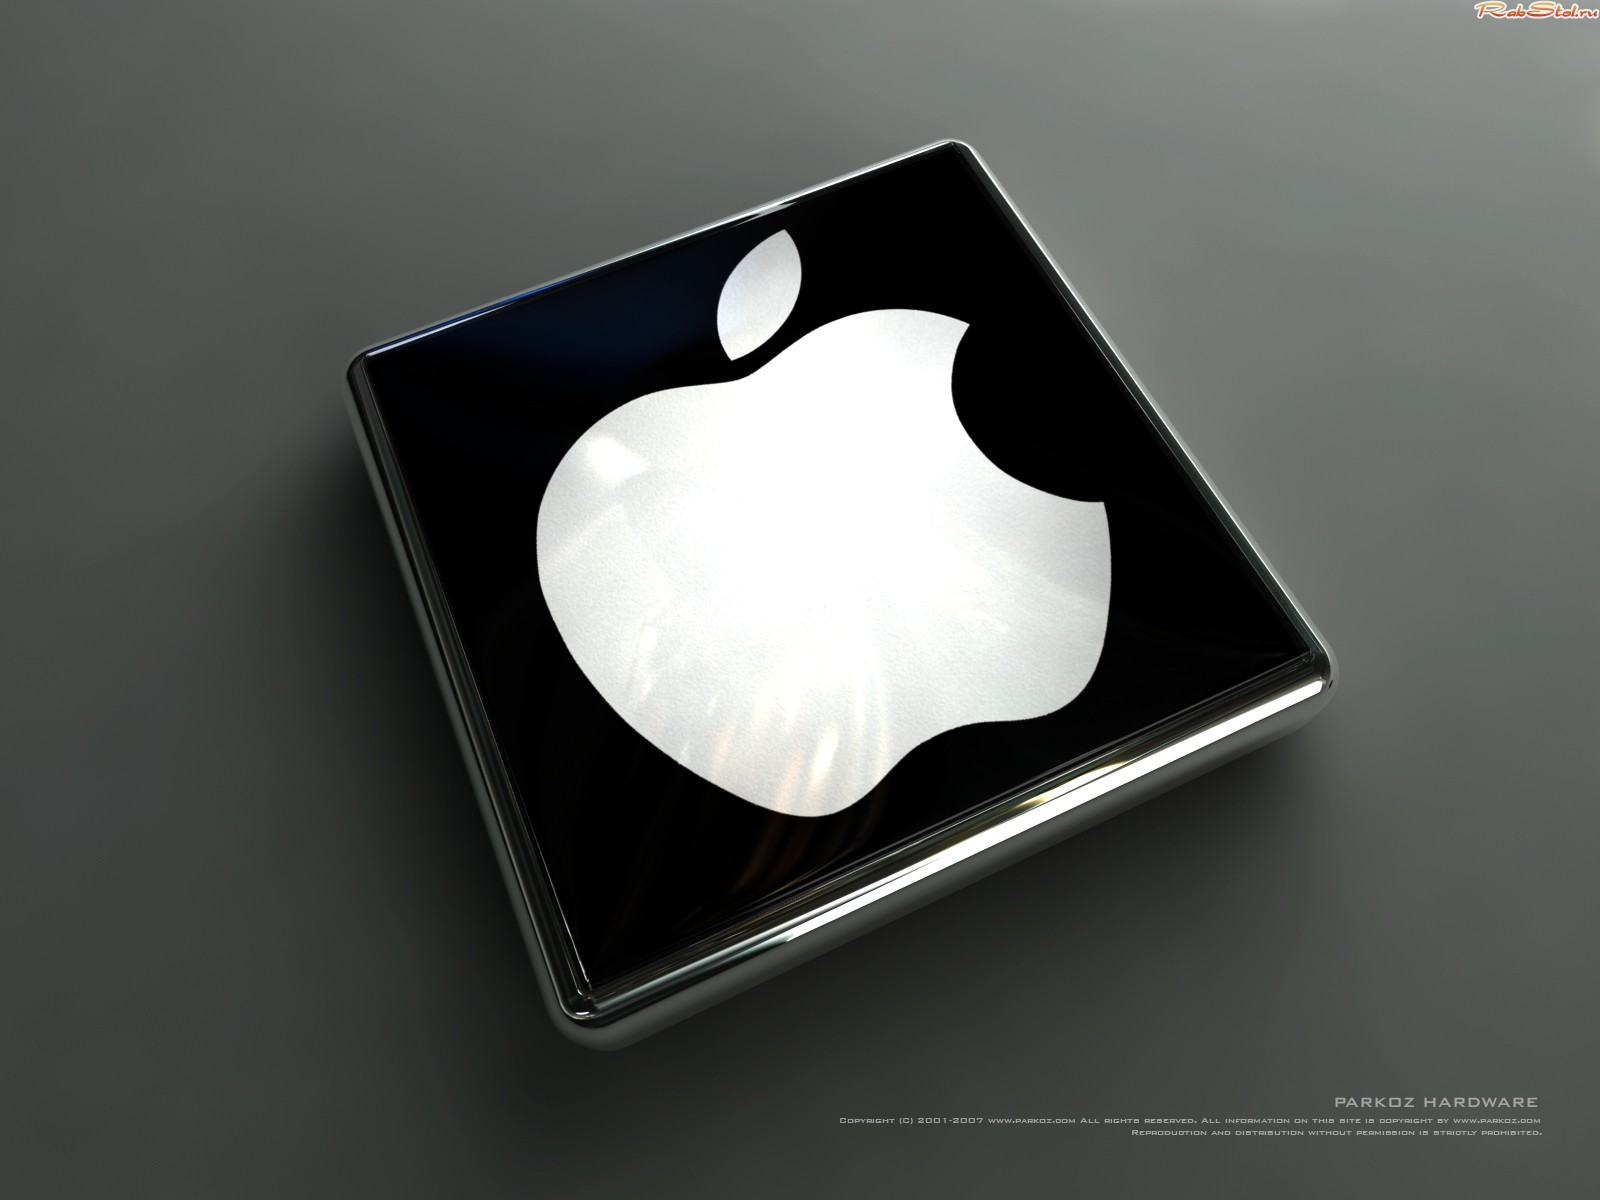 логотип эпл: